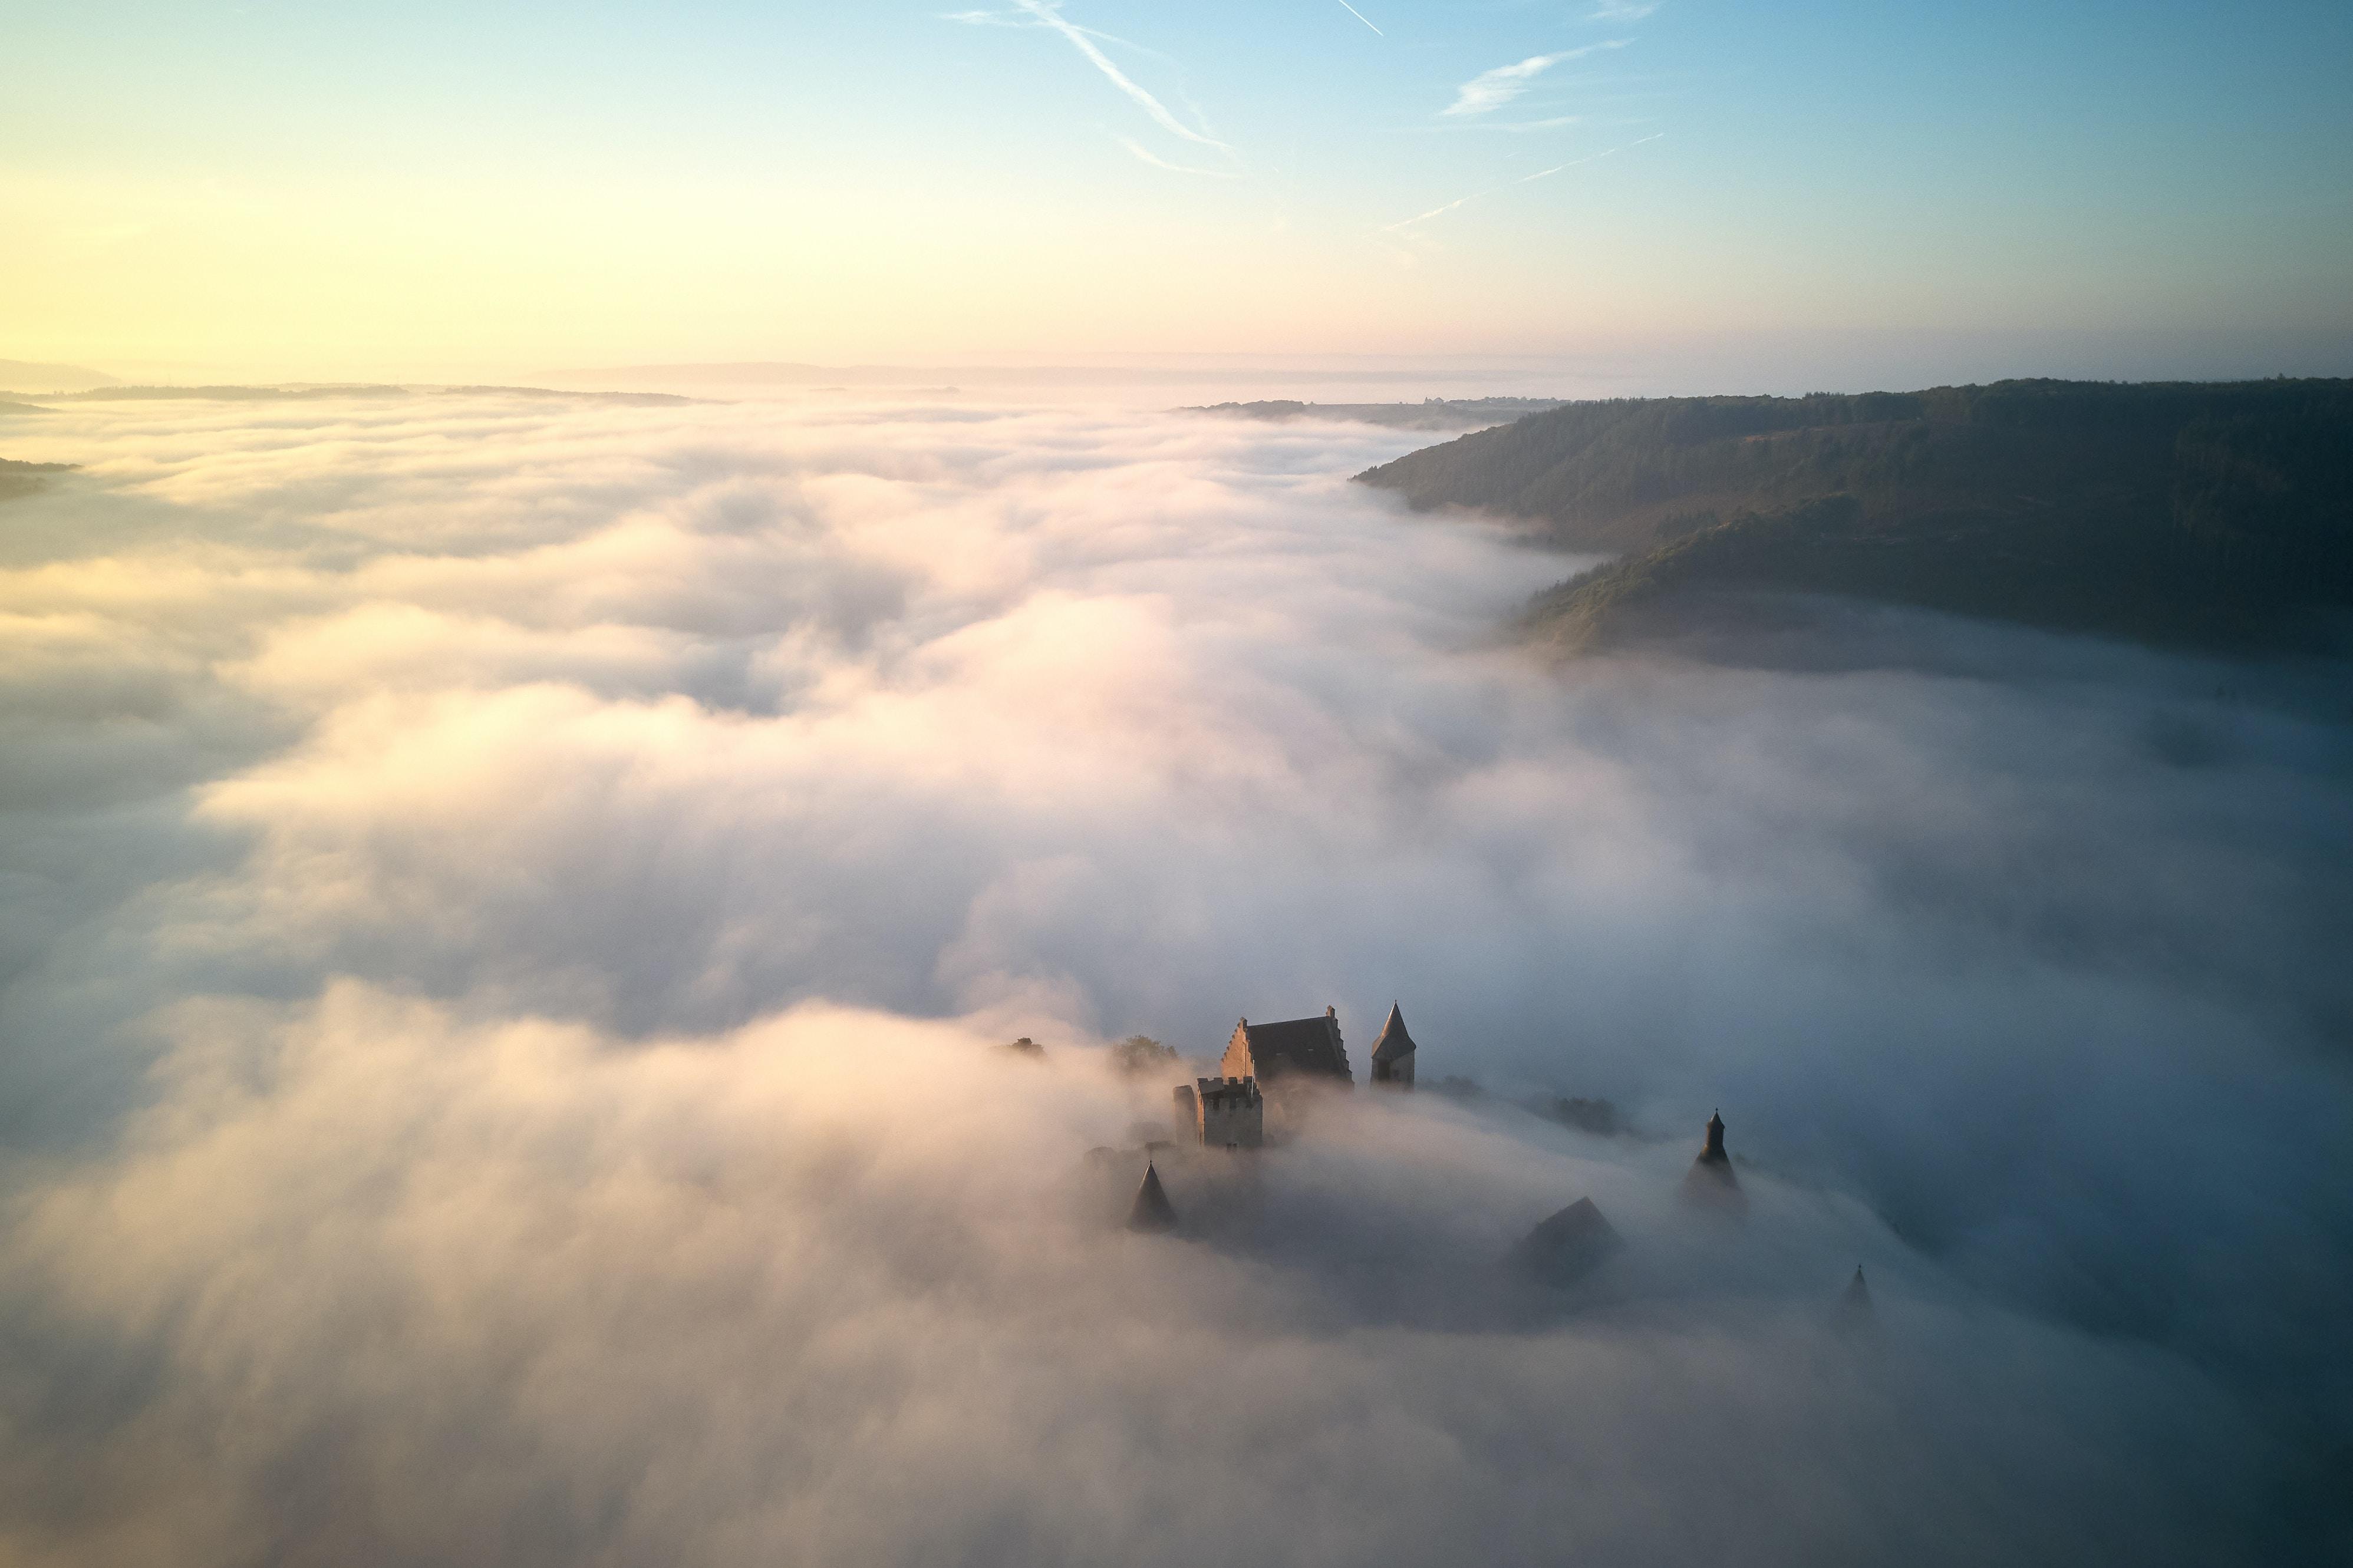 foggy castle near mountain